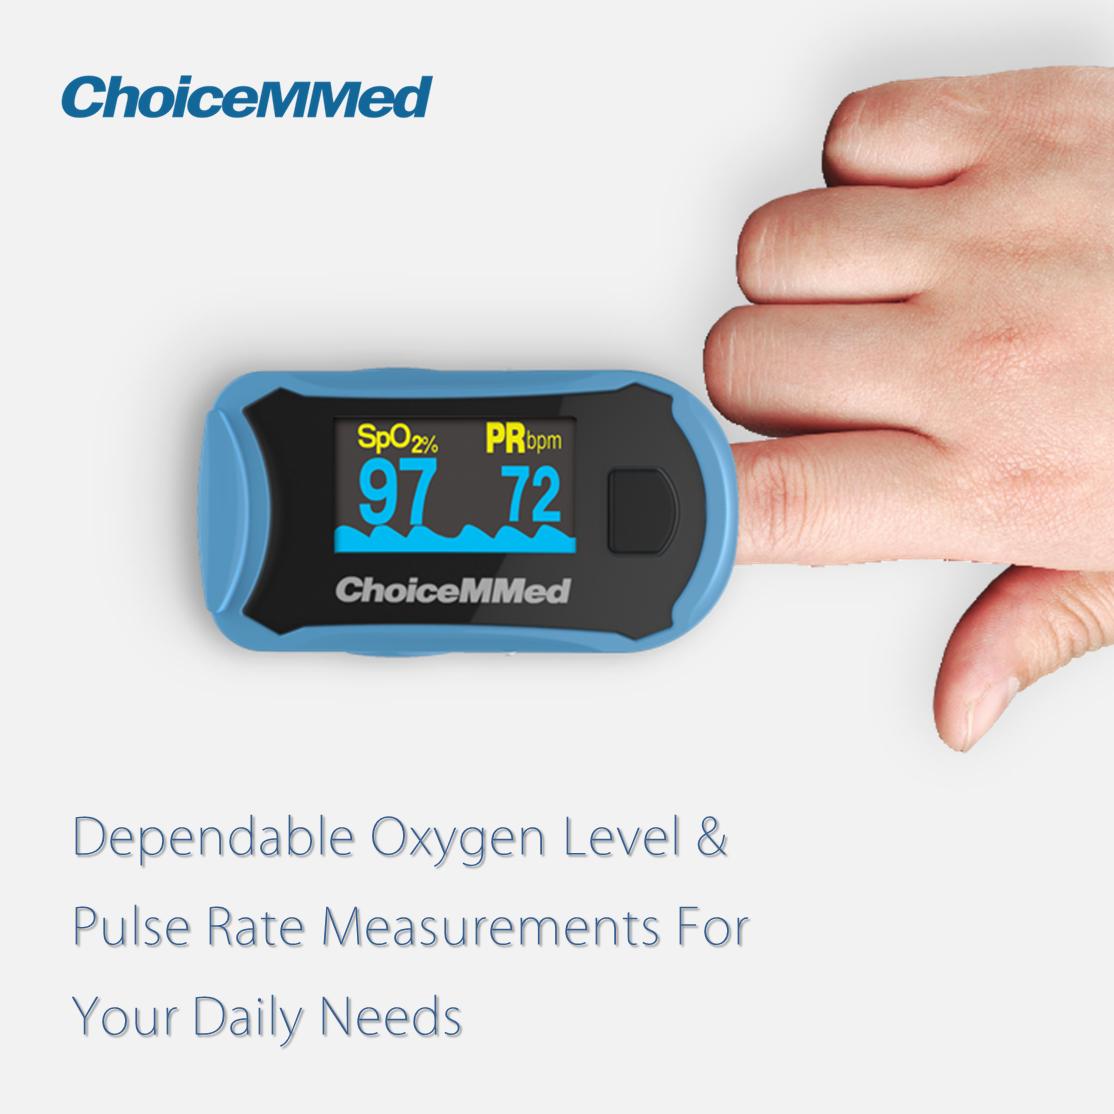 เครื่องวัดออกซิเจนปลายนิ้ว ChoiceMMed Fingertip Pulse Oximeter รุ่น  MD300C29 - M Care Shop - เครื่องผลิตออกซิเจน คุณภาพดี ส่งฟรีทั่วประเทศ